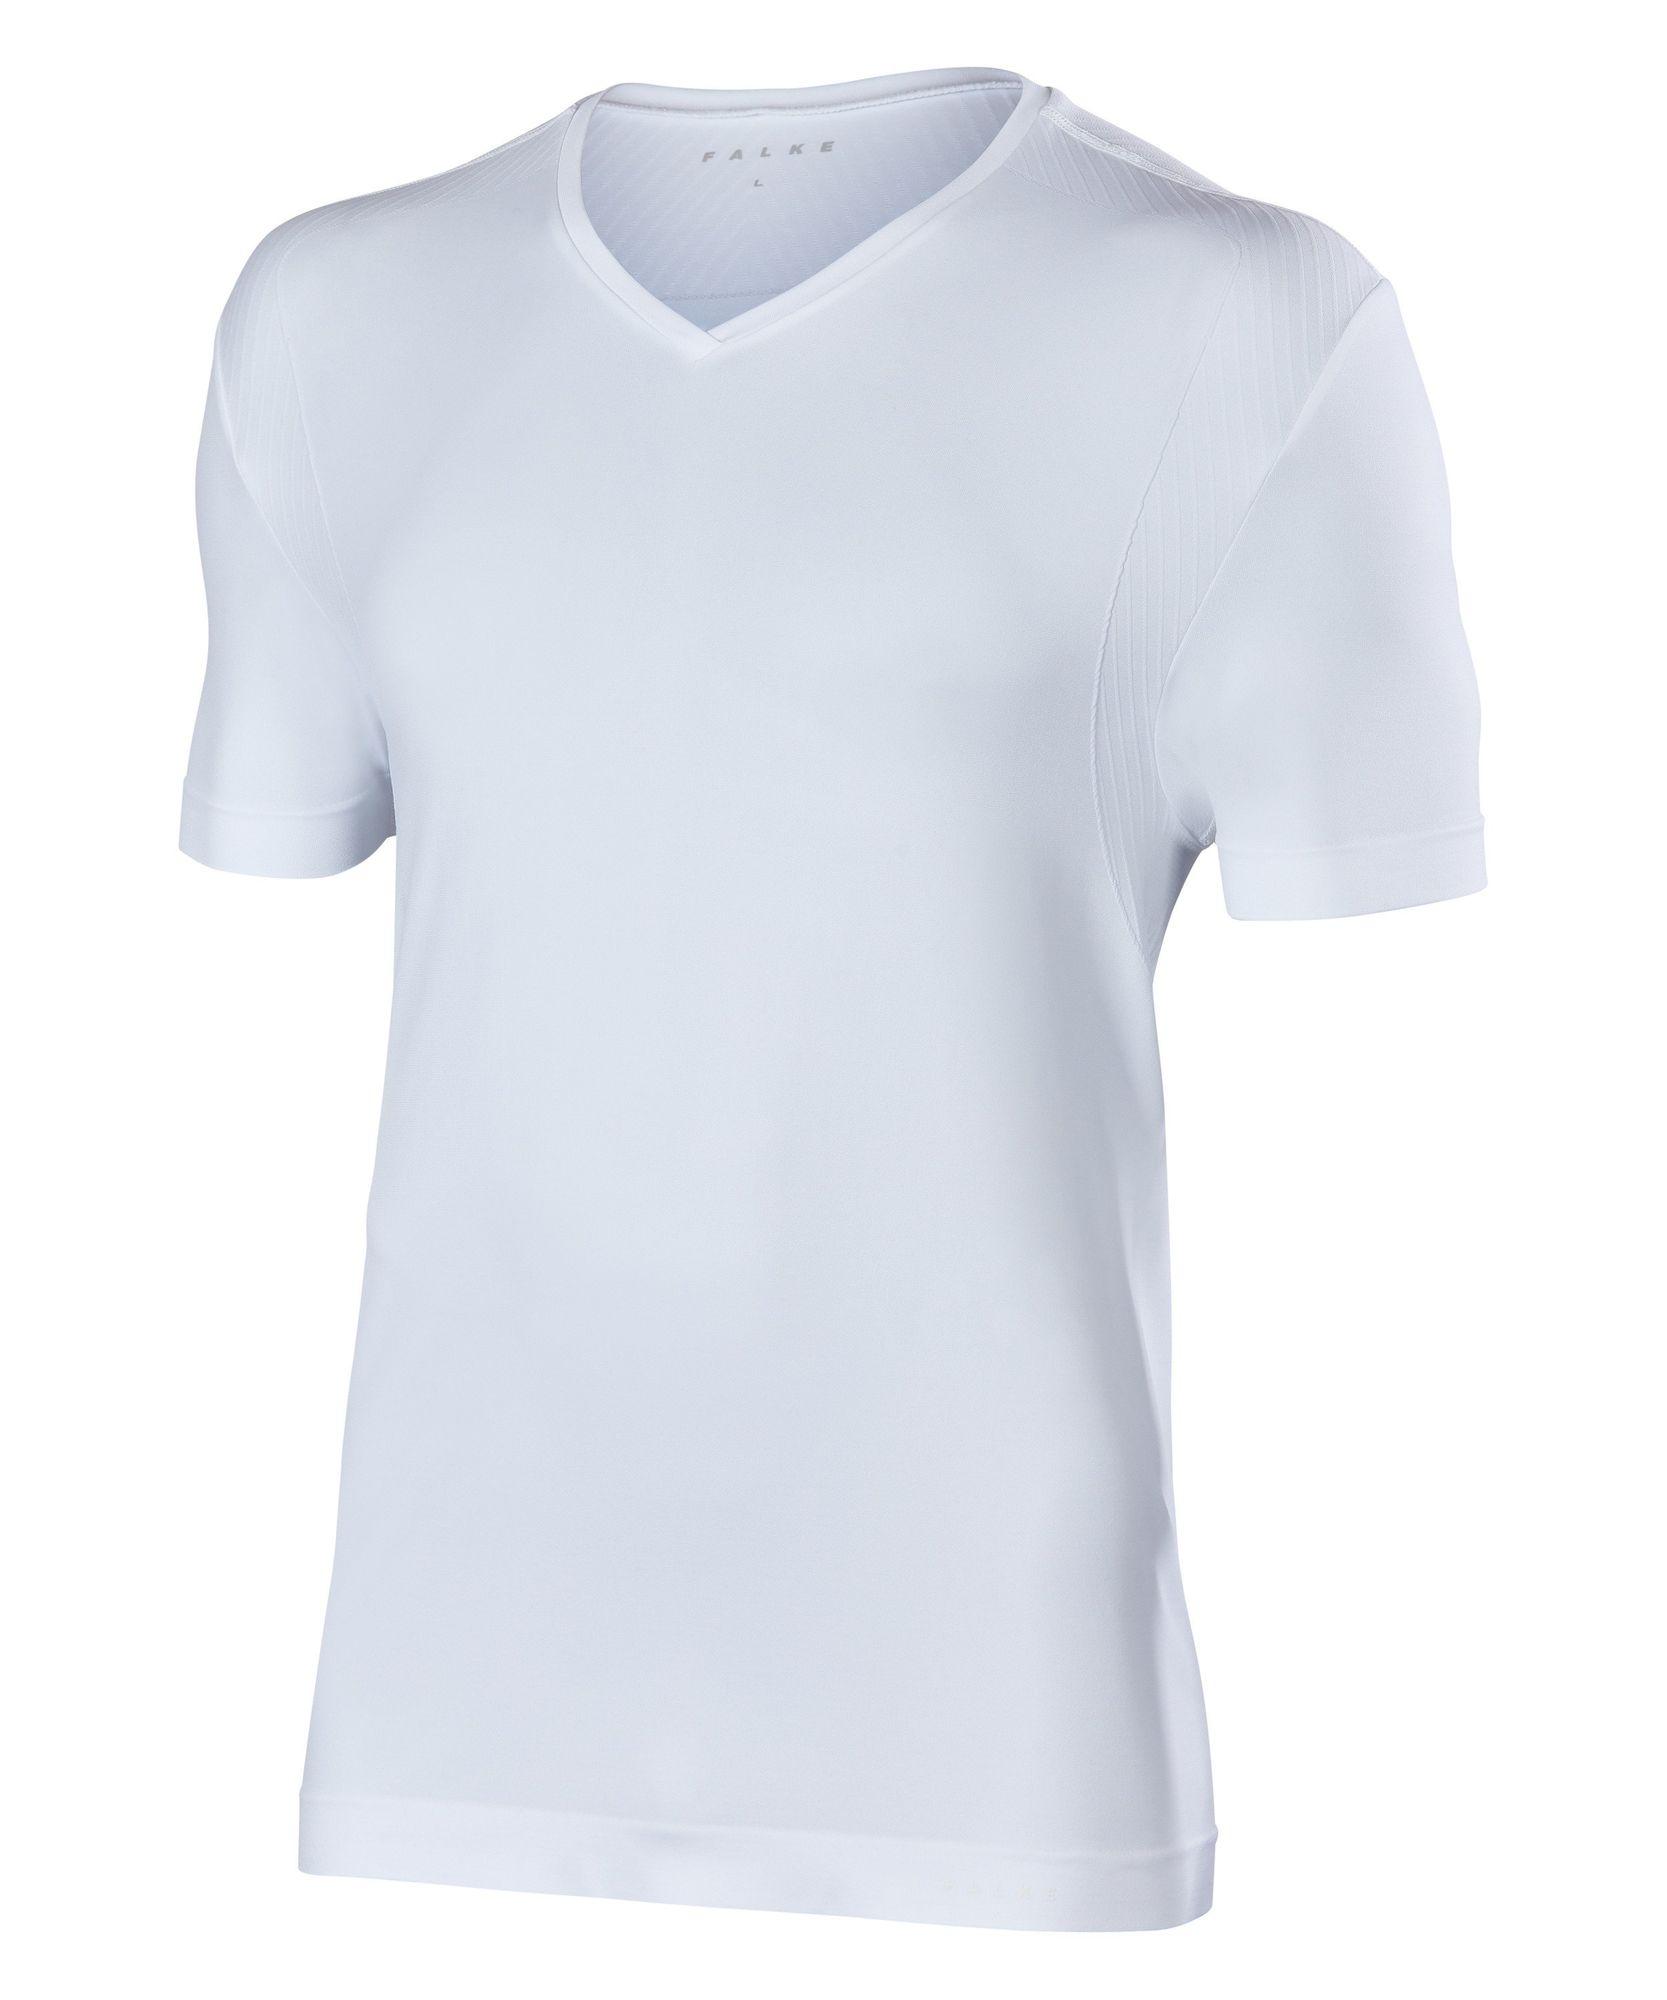 Falke Fitness T-Shirt in Weiß